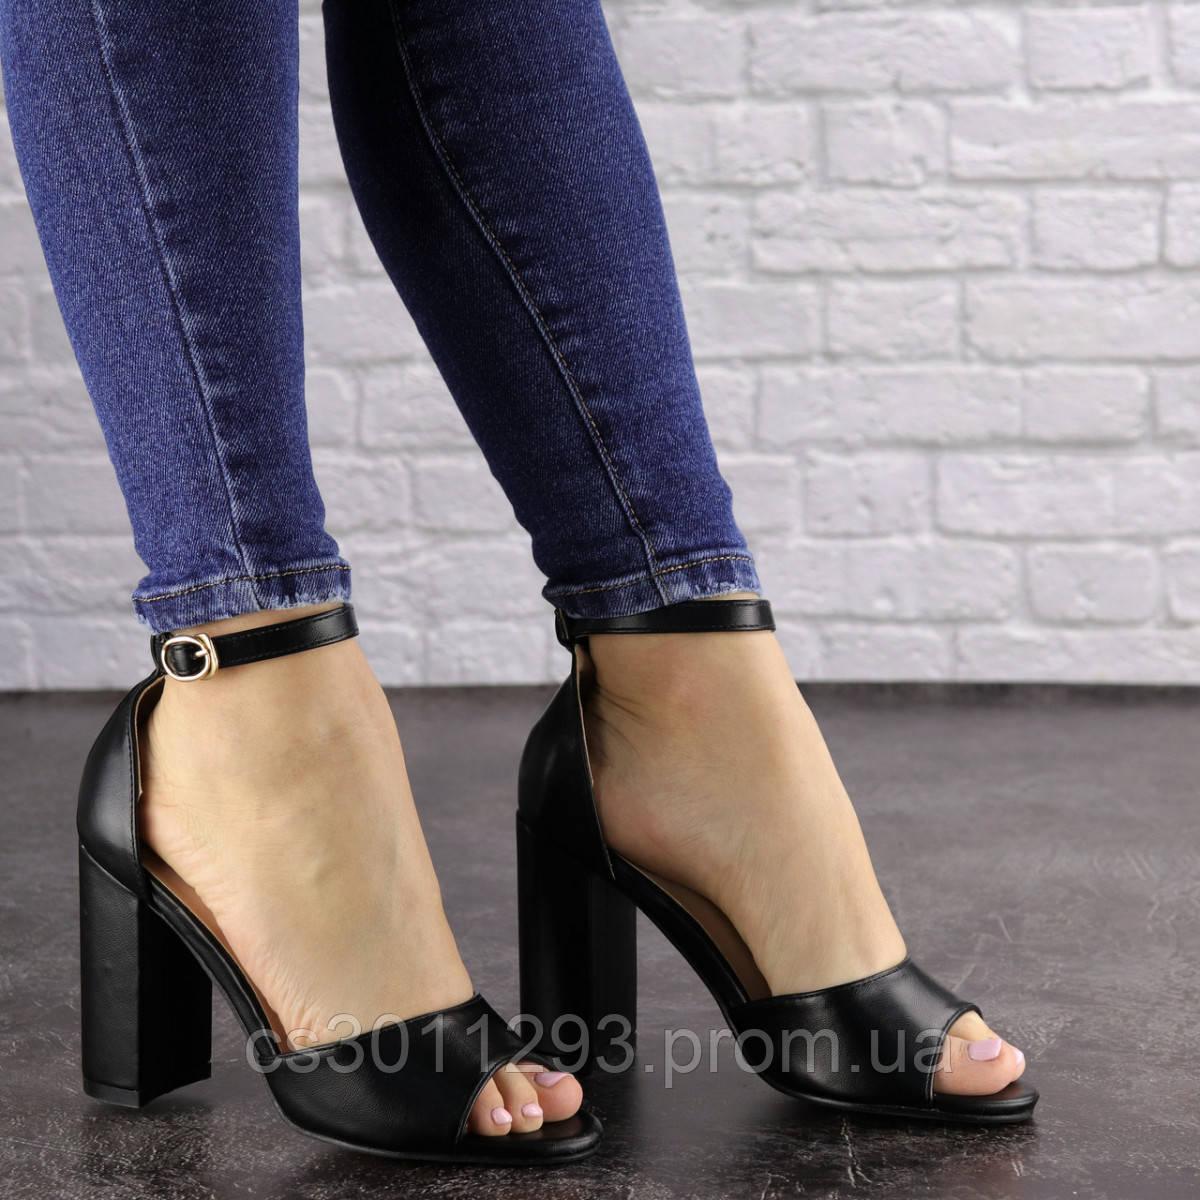 Женские босоножки на каблуке Fashion Cliff 1533 38 размер 24,5 см Черный